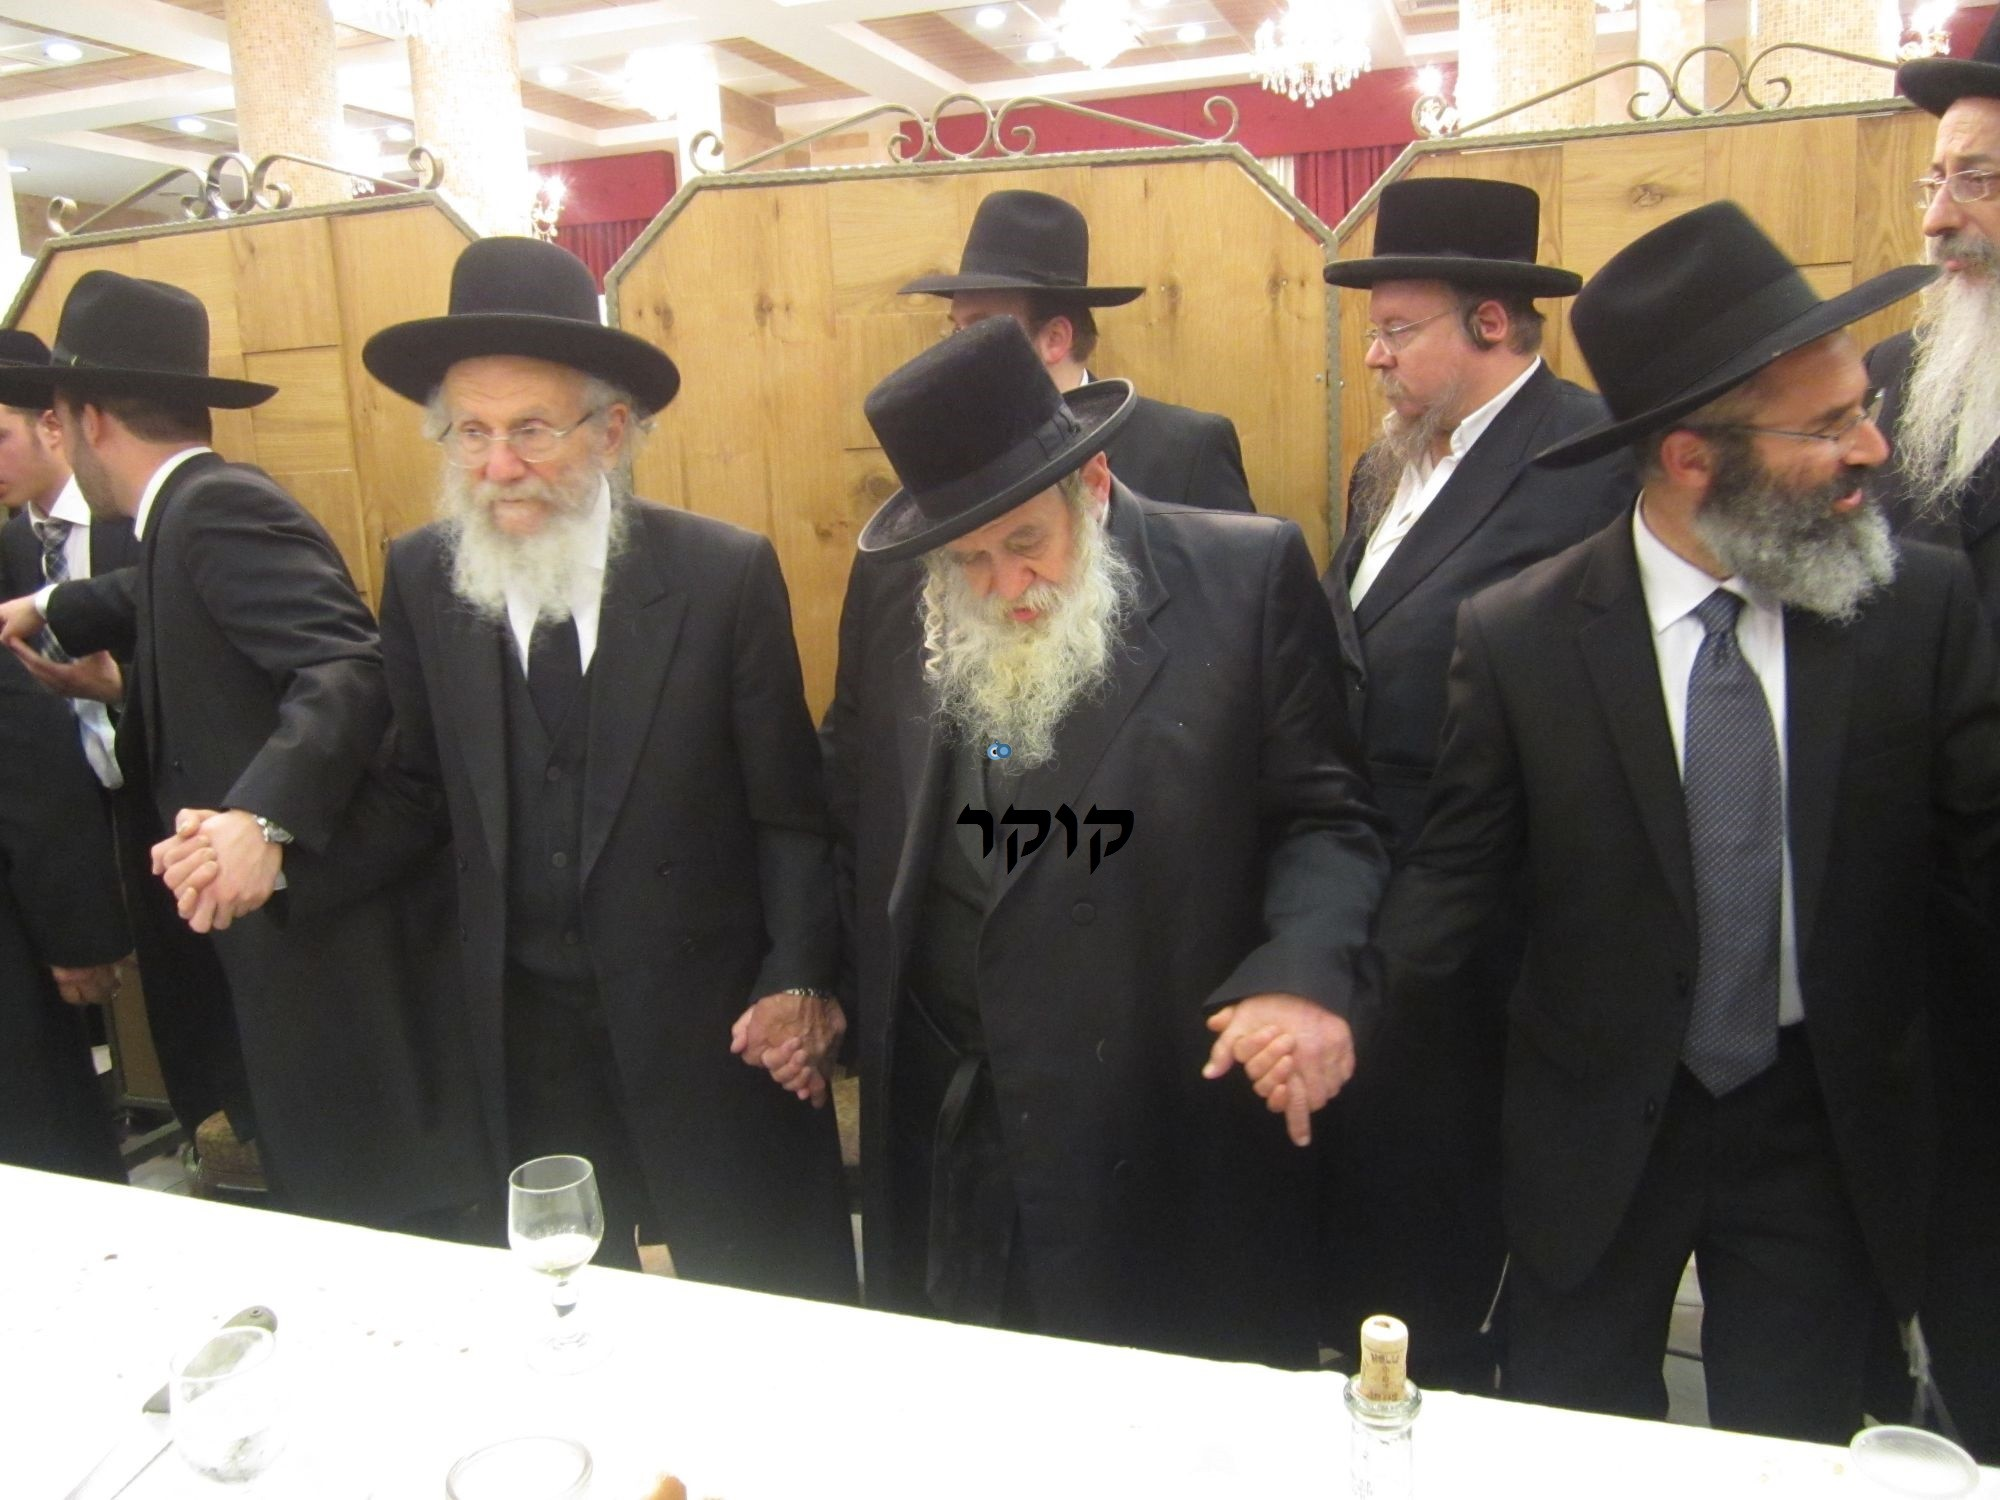 אדמו''ר מ טשערנוביל מטשערנוביל, חתונה, הרב יעקב אדלשטיין אדלשטין (9)